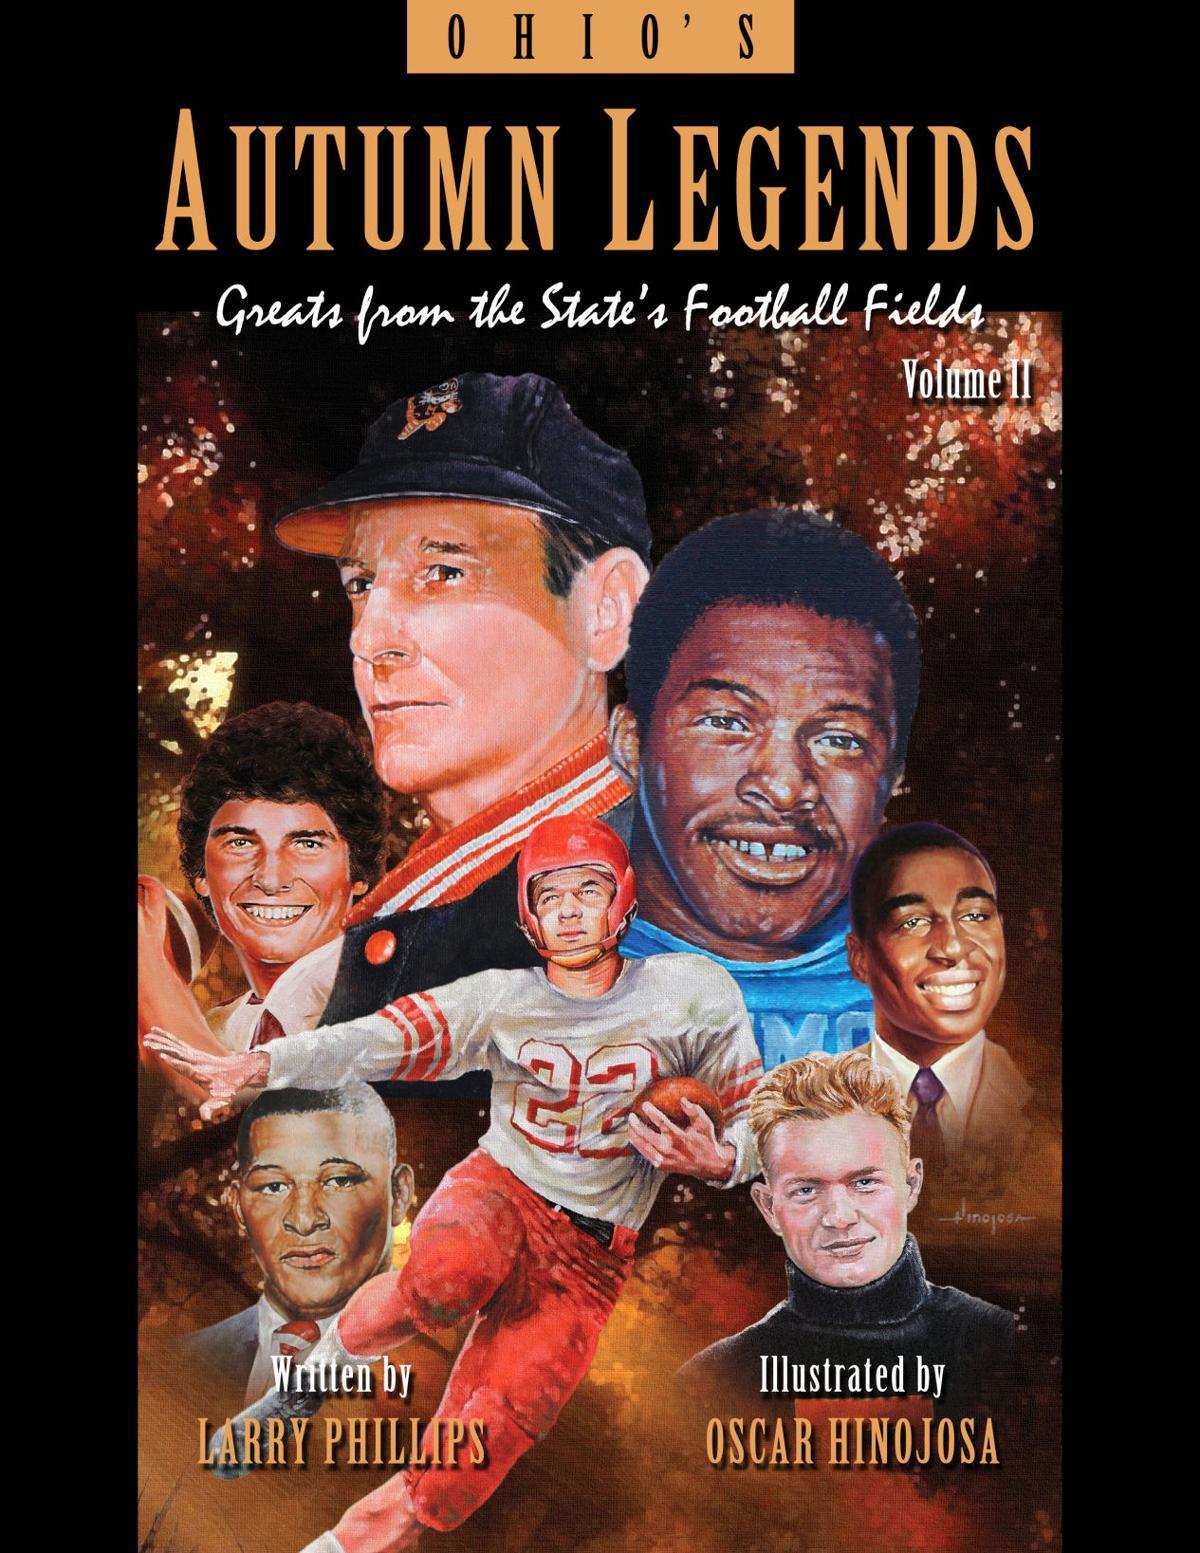 Ohio's Autumn Legends Volume II book cover